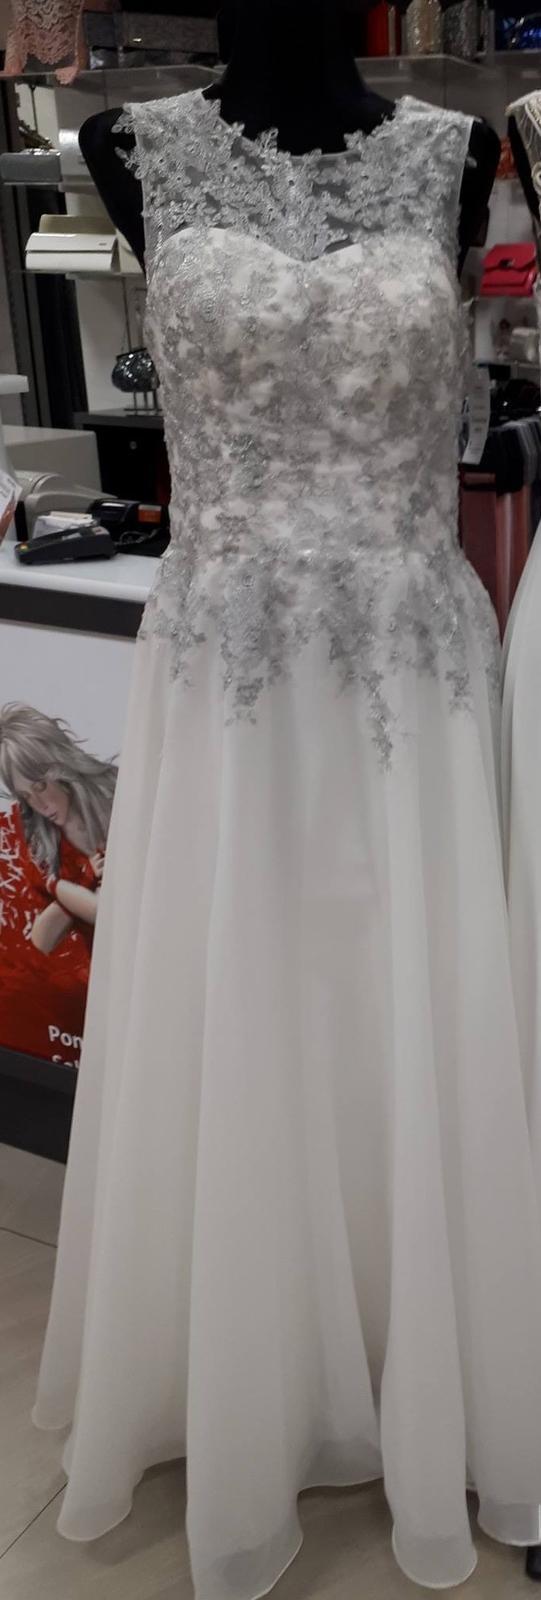 Svadobné šaty strieborno-biele - Obrázok č. 2